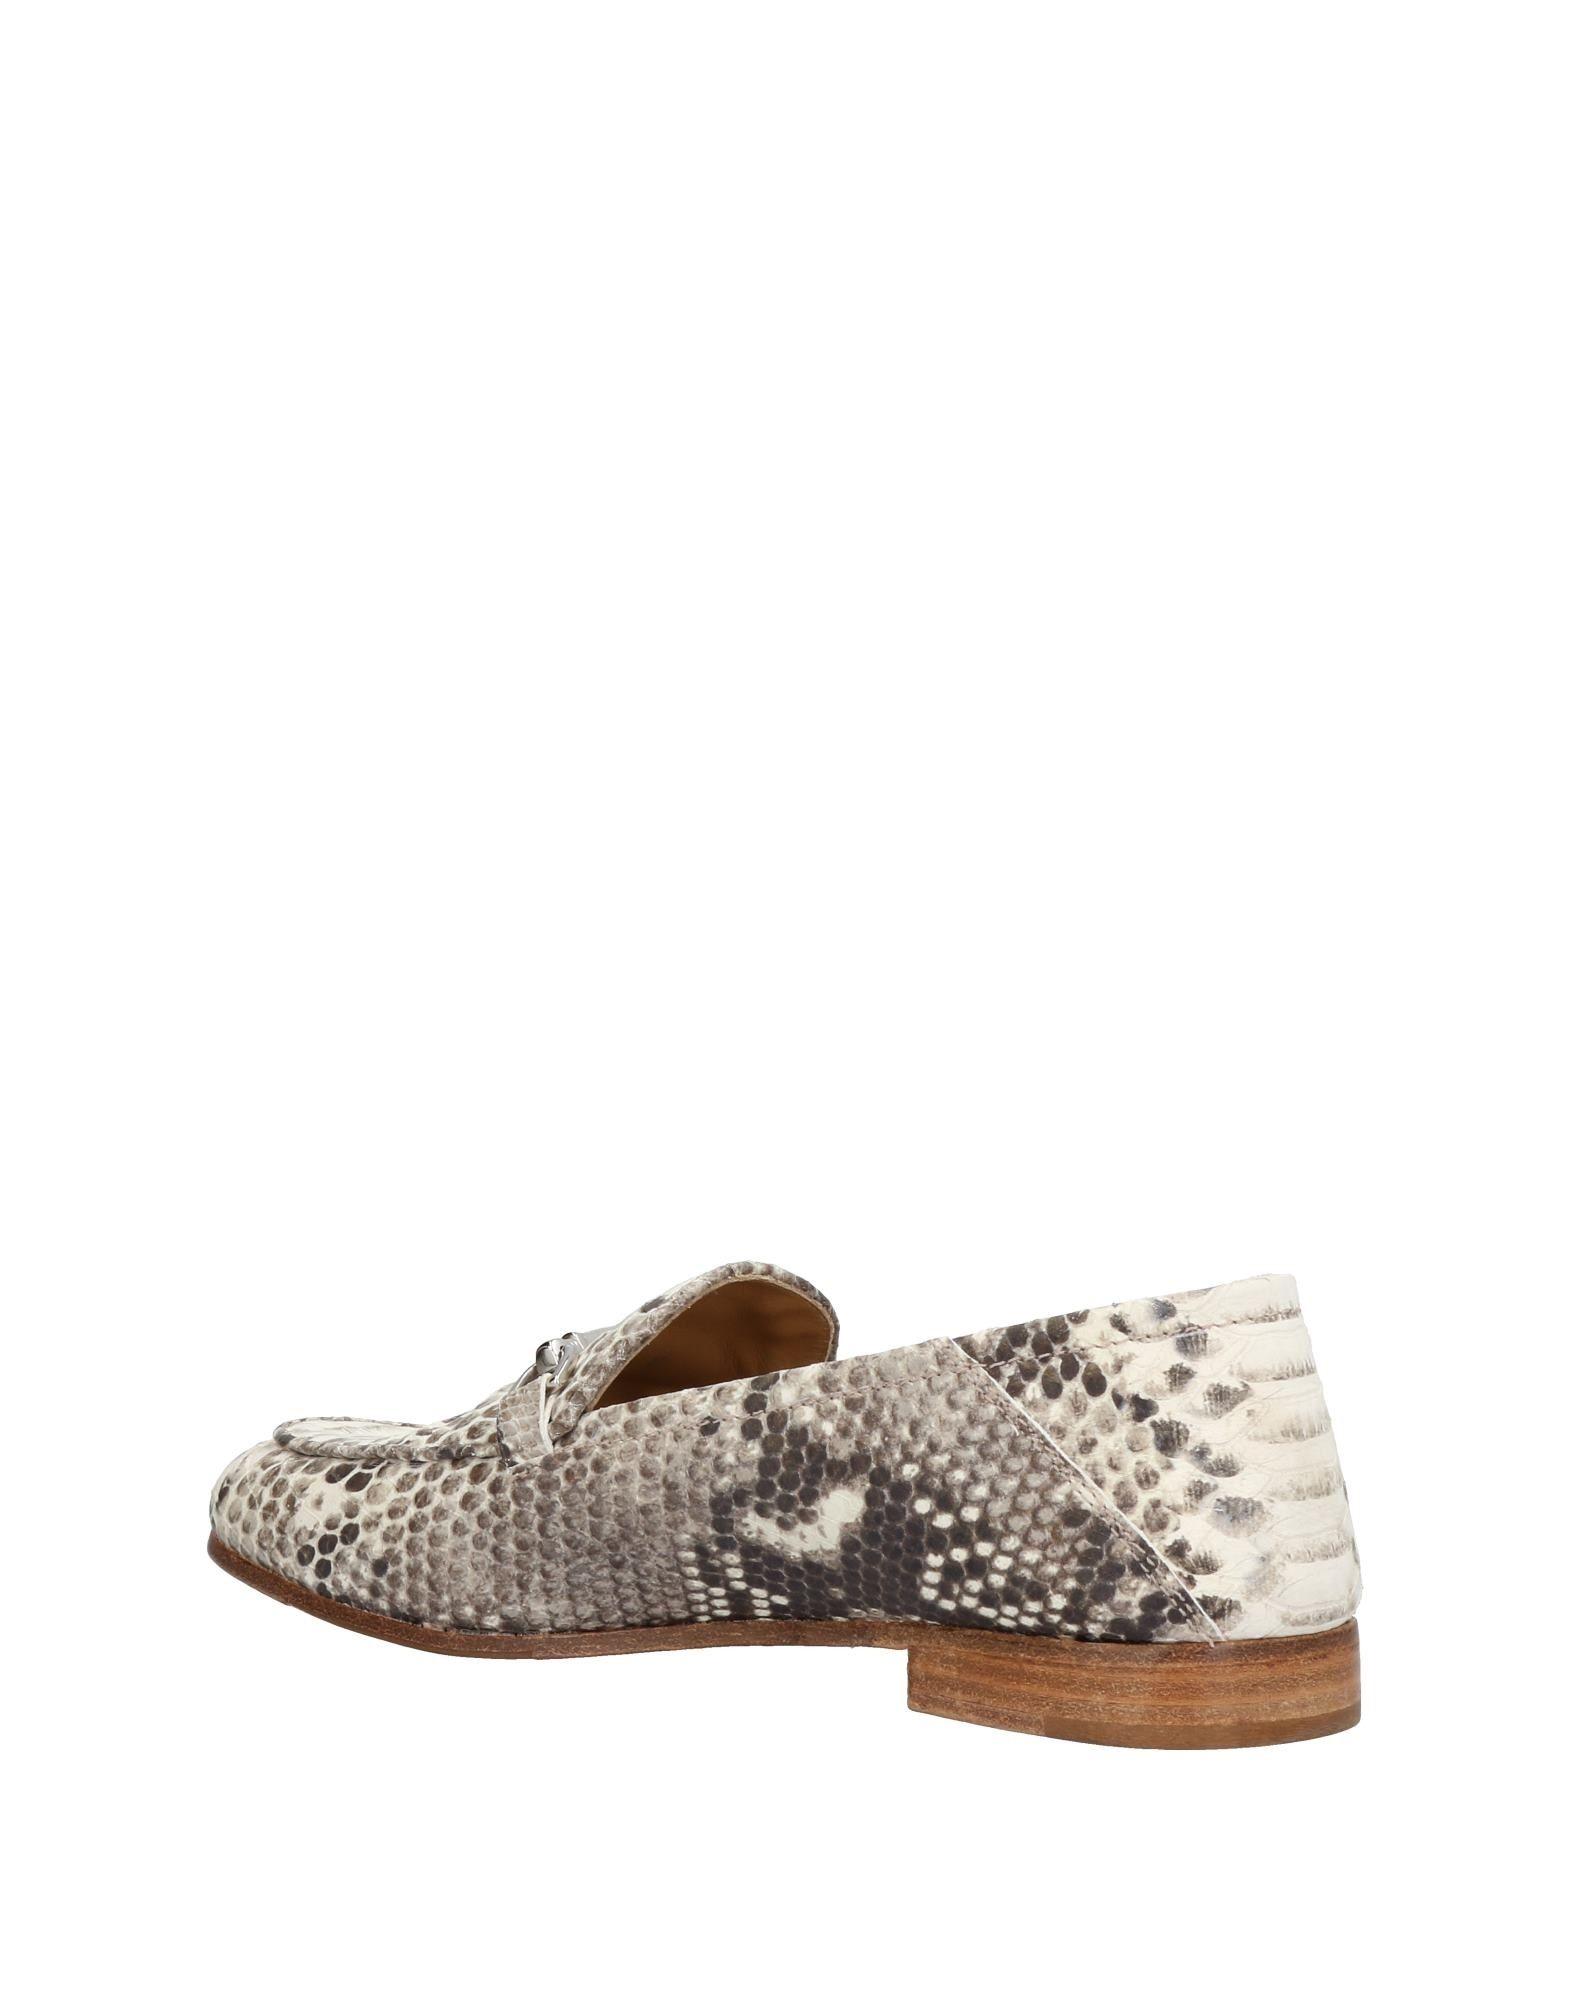 Lemaré Gute Mokassins Damen  11456158DJ Gute Lemaré Qualität beliebte Schuhe 452d86